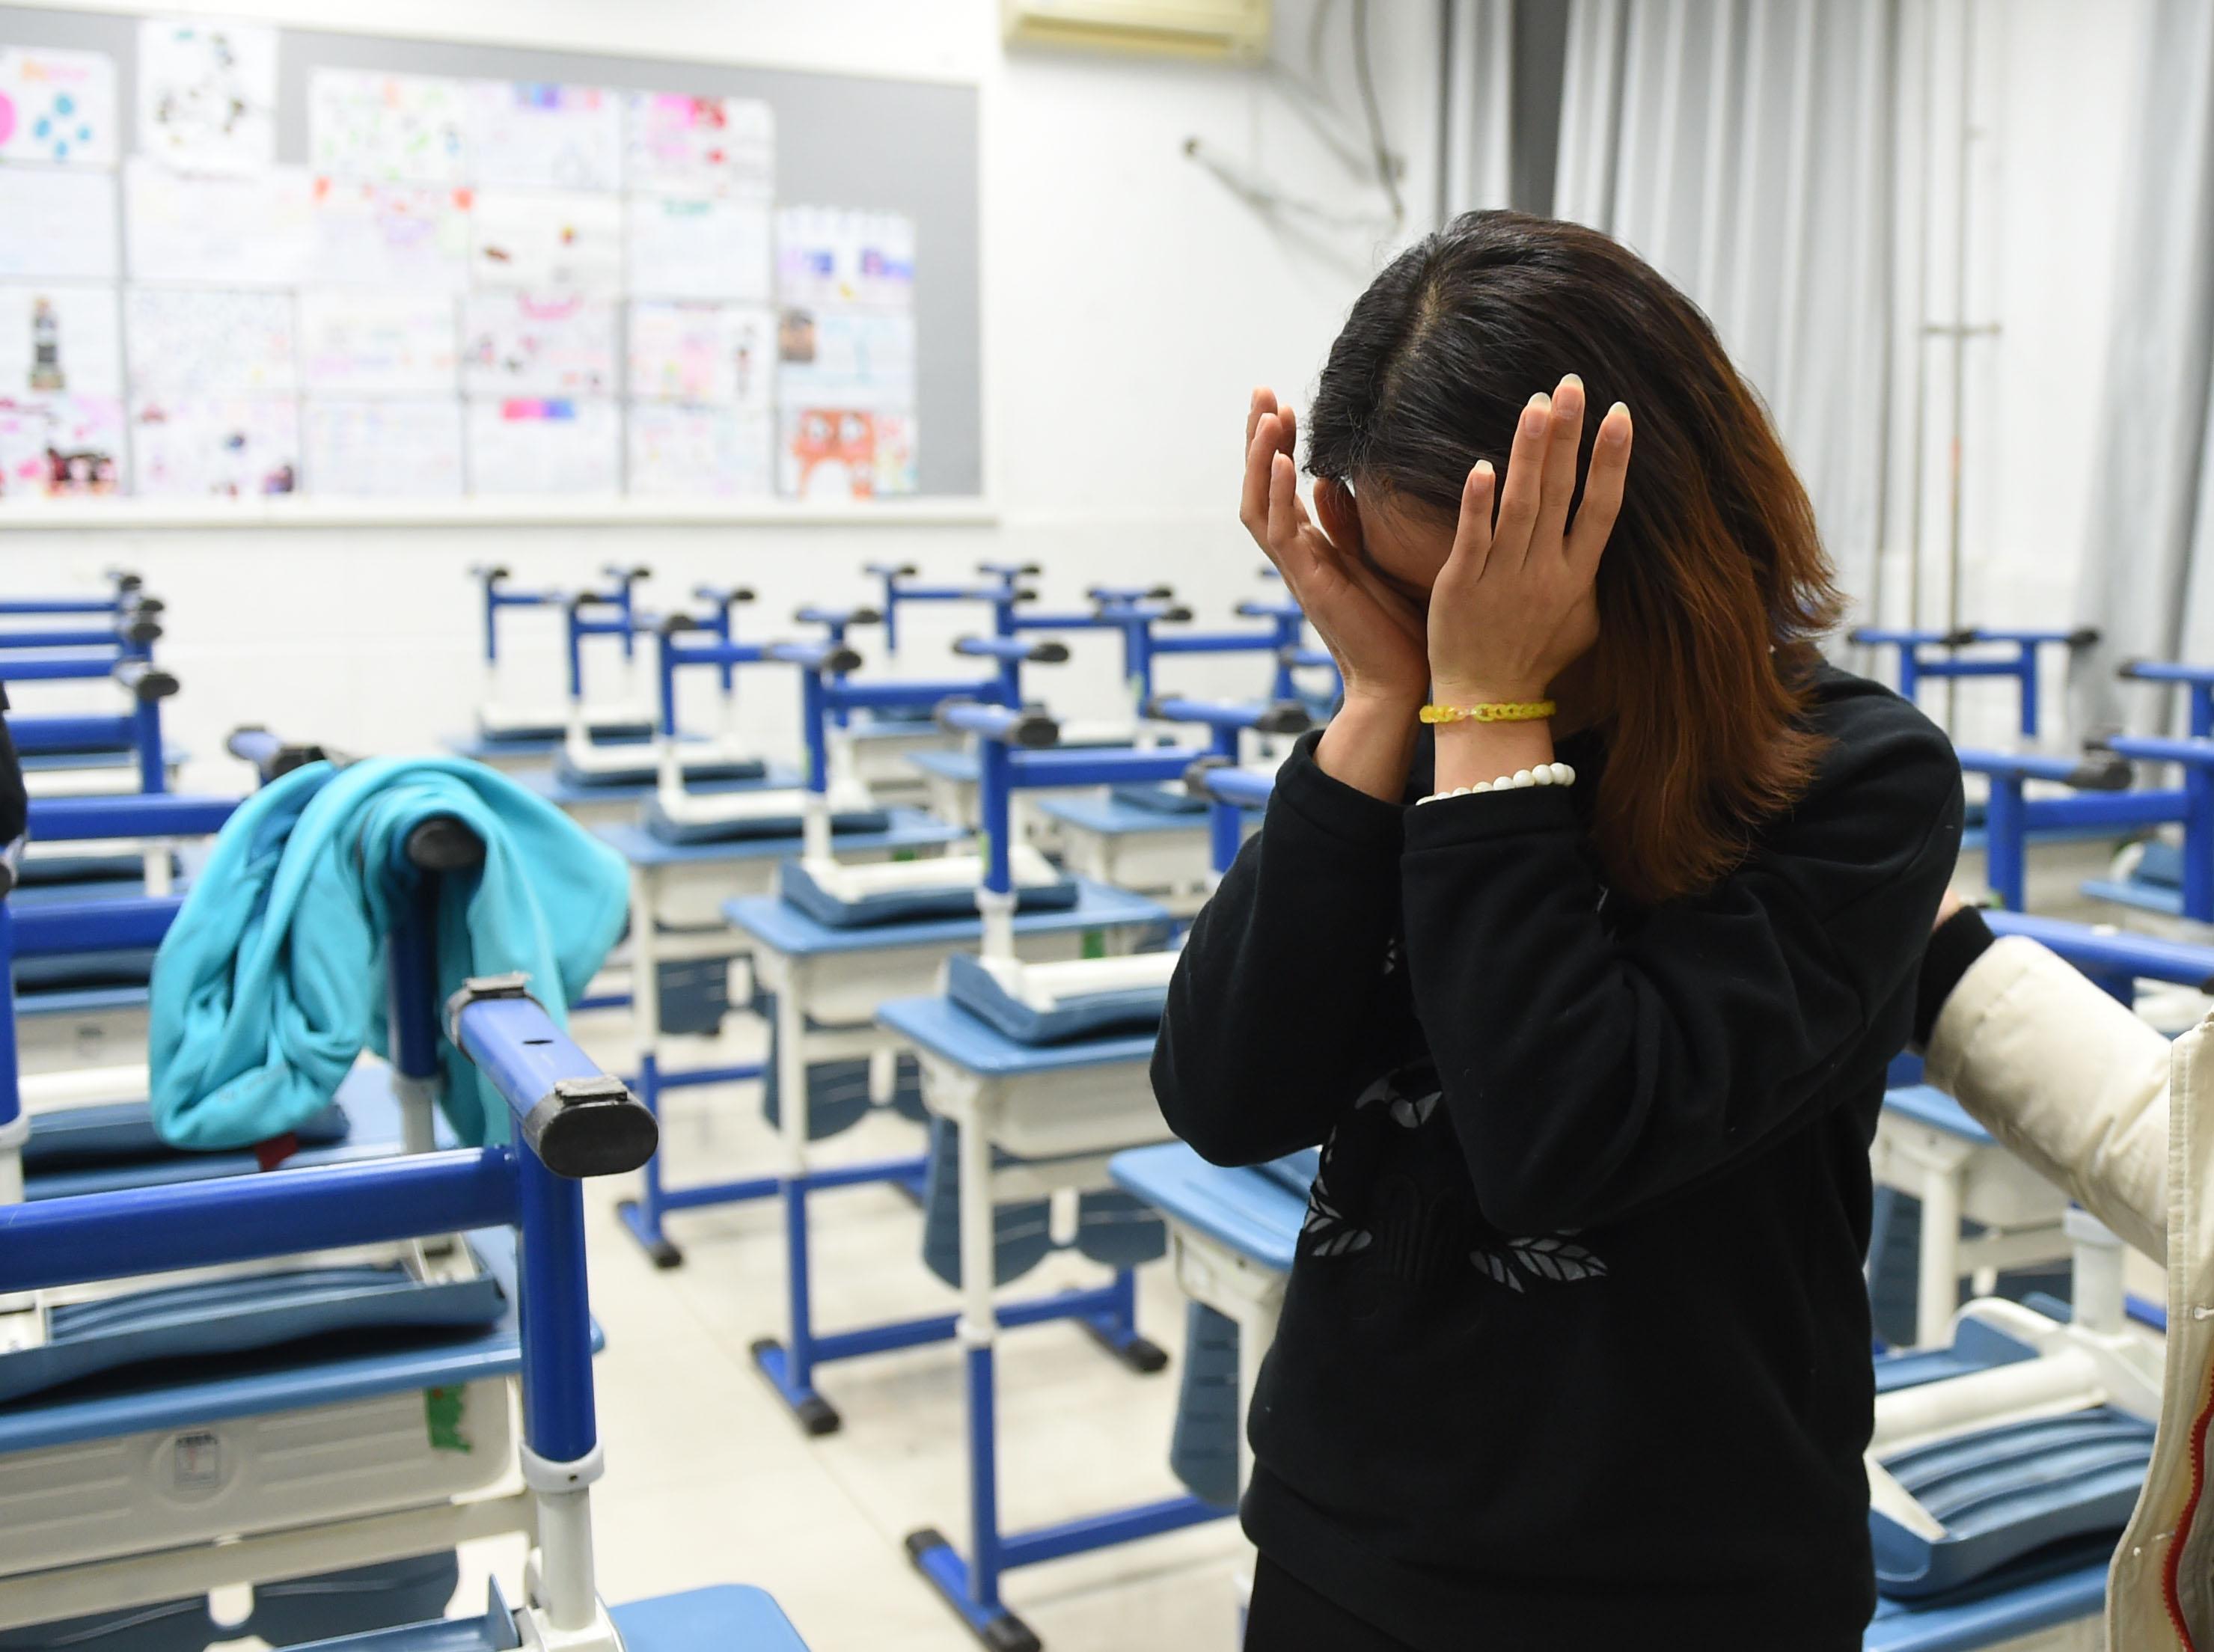 12月13日,三位学生的班主任吕老师担心这个事件对三位孩子产生不好的影响,流下了眼泪。(新华社记者李文摄)